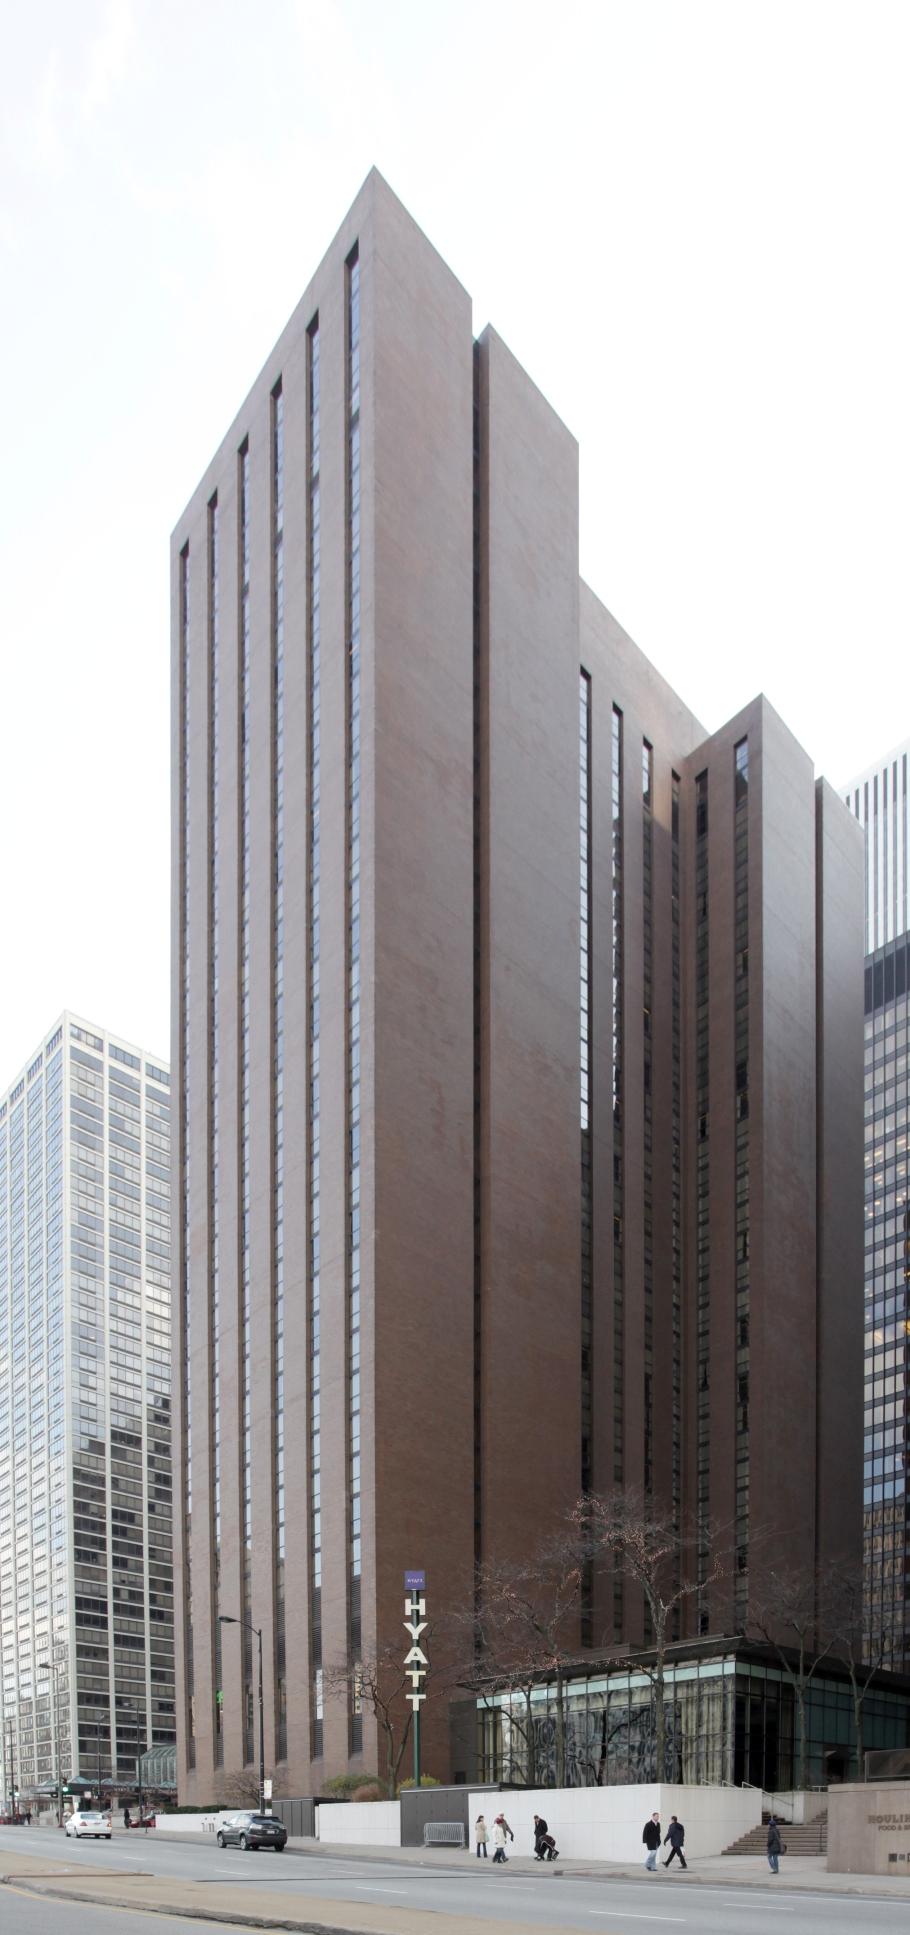 BREAKING: UNITE HERE Hyatt Hotel Boycott at Embarcadero Center